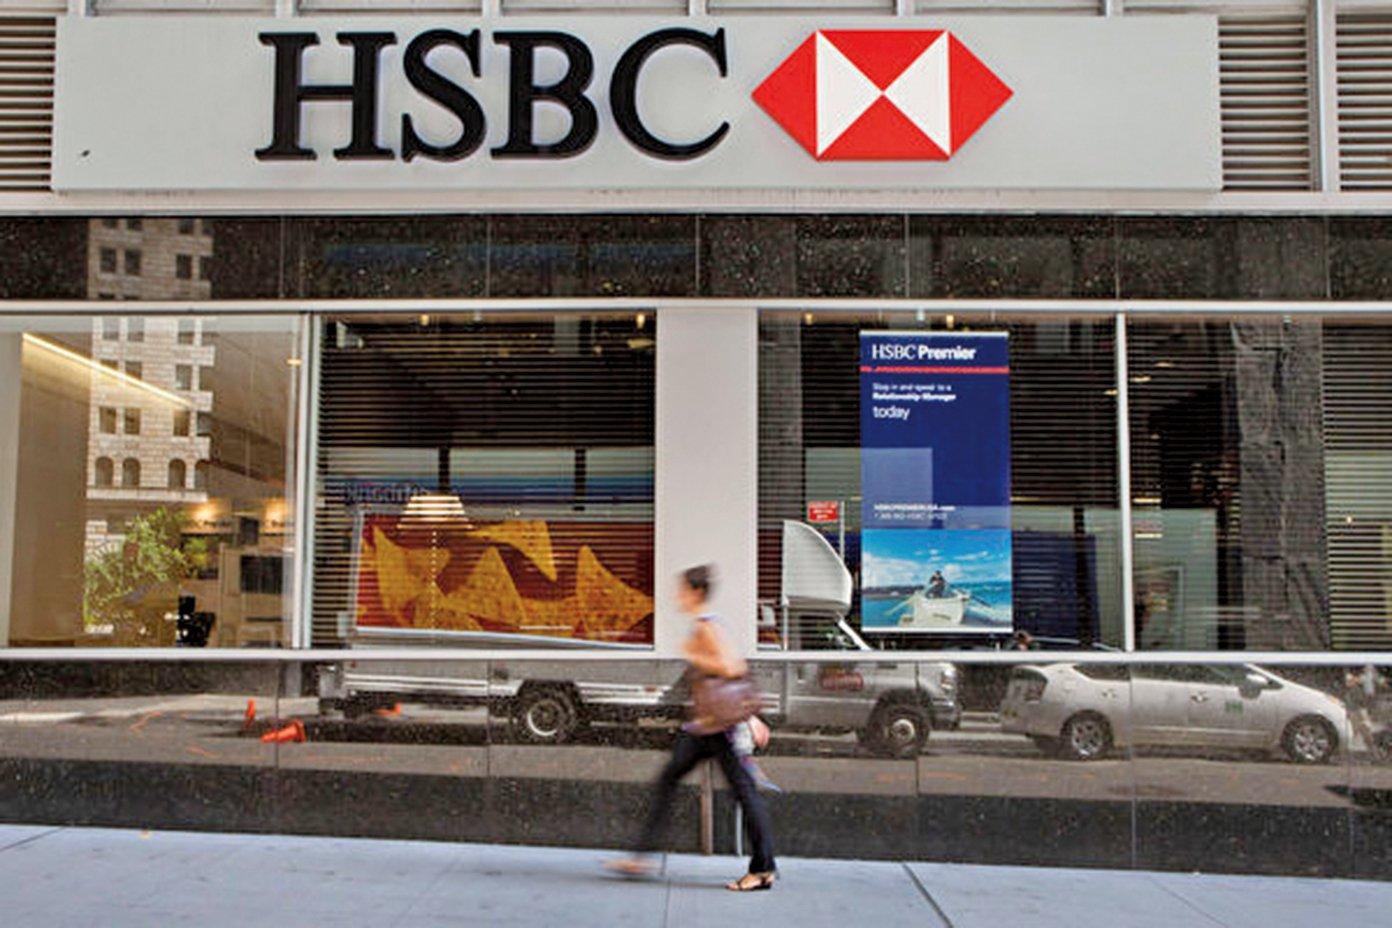 路透社引述消息指,多間跨國銀行開始對香港客戶進行政治審查。(Getty Images)